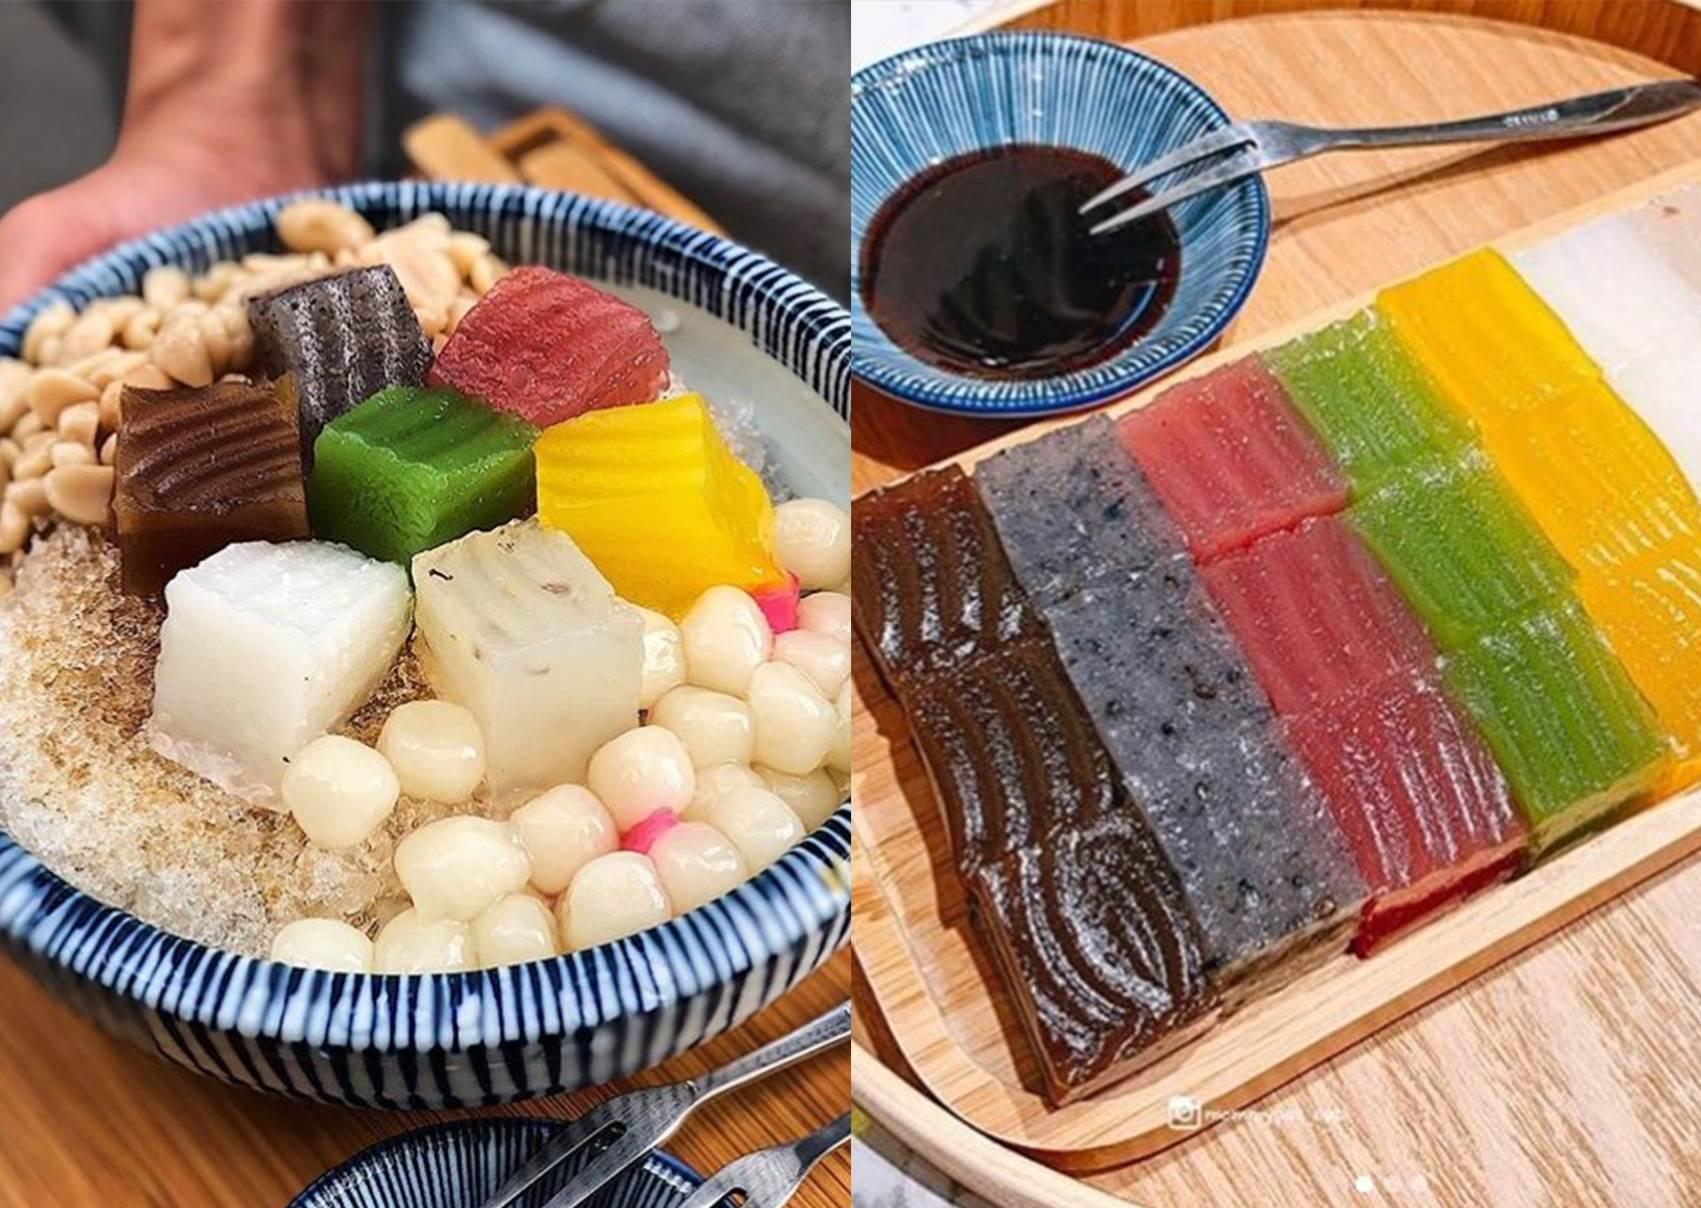 七種口味通通有♥吃完絕對回訪的「繽紛系粉粿」雪花冰,淋上滿滿黑糖就是過癮~